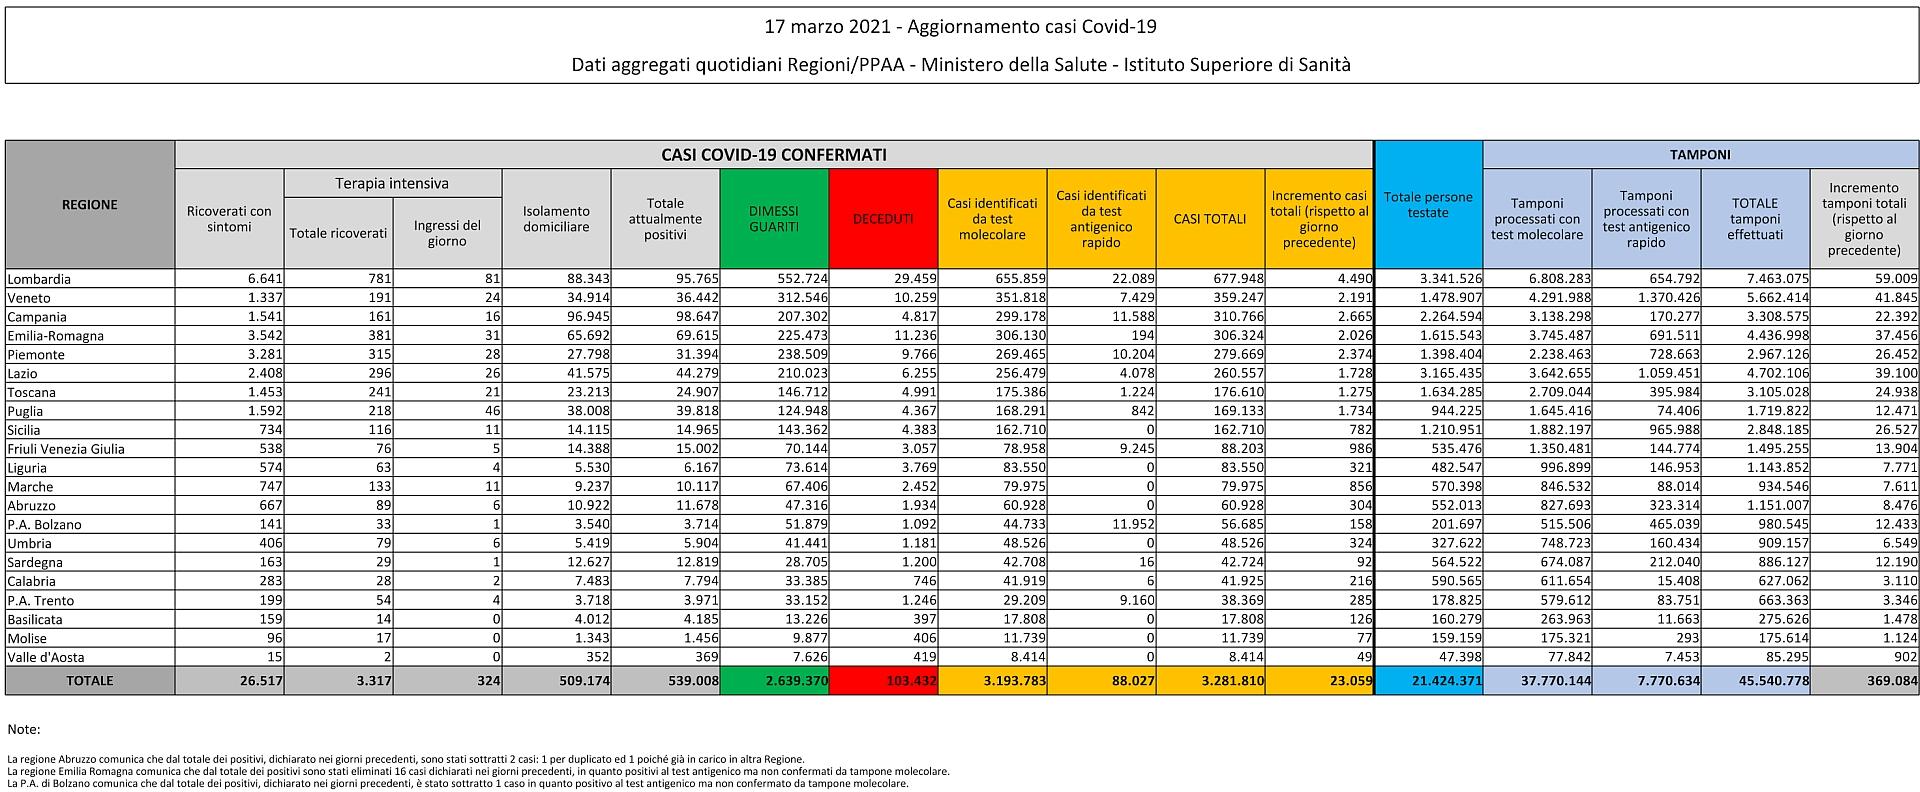 17 marzo 2021 - Aggiornamento casi Covid-19 Dati aggregati quotidiani Regioni/PPAA - Ministero della Salute - Istituto Superiore di Sanità